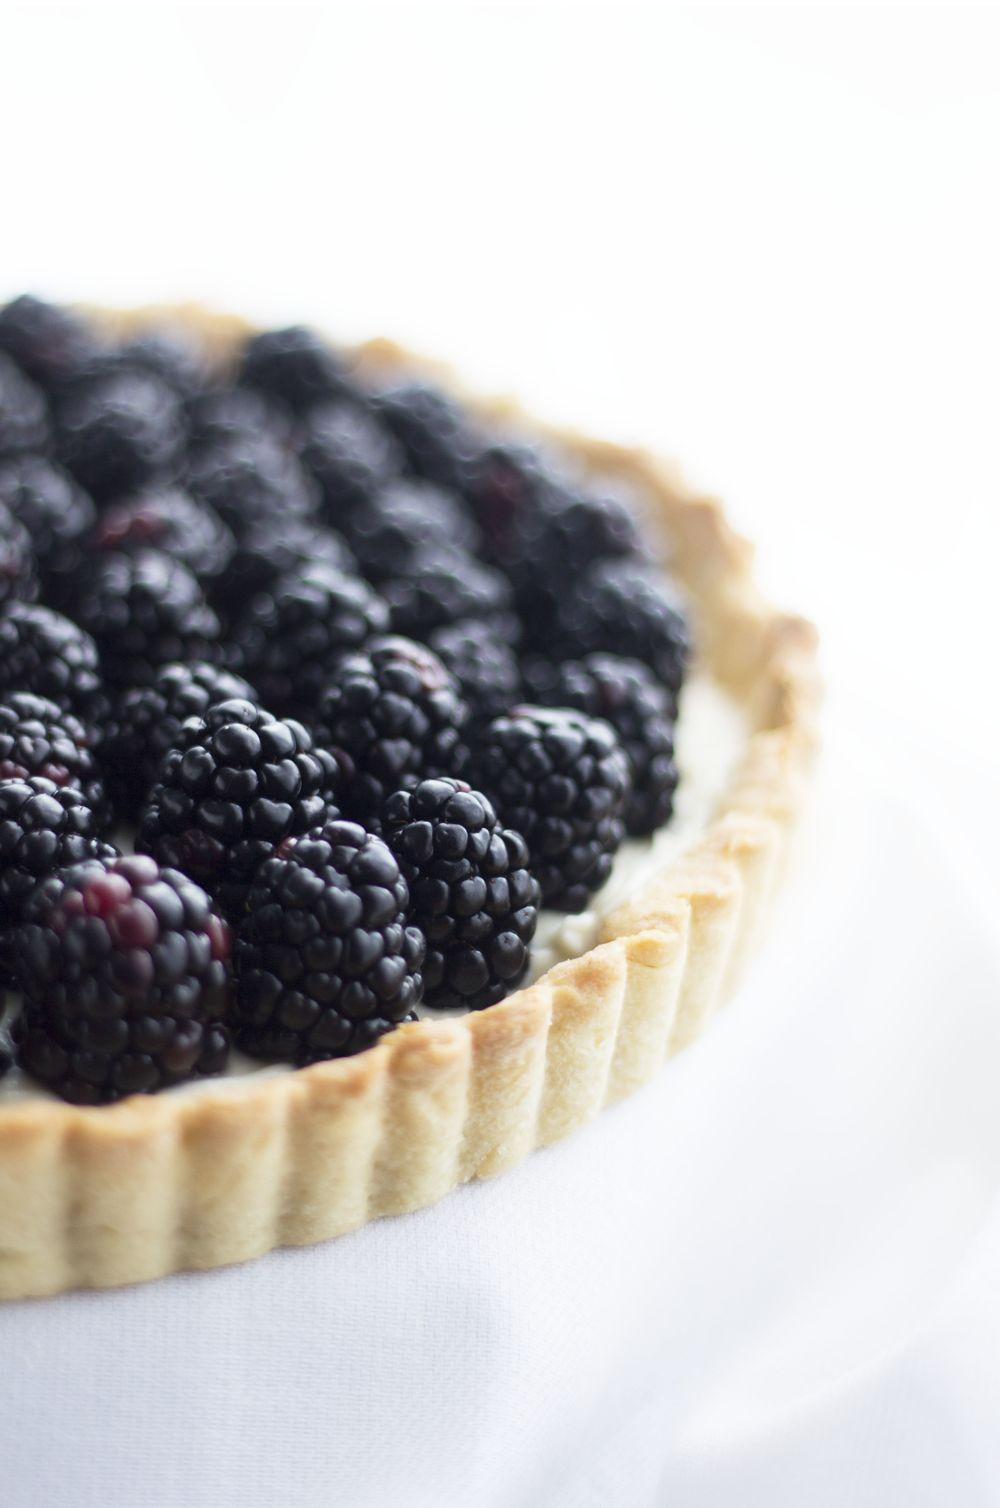 blackberrytartboarders.jpg